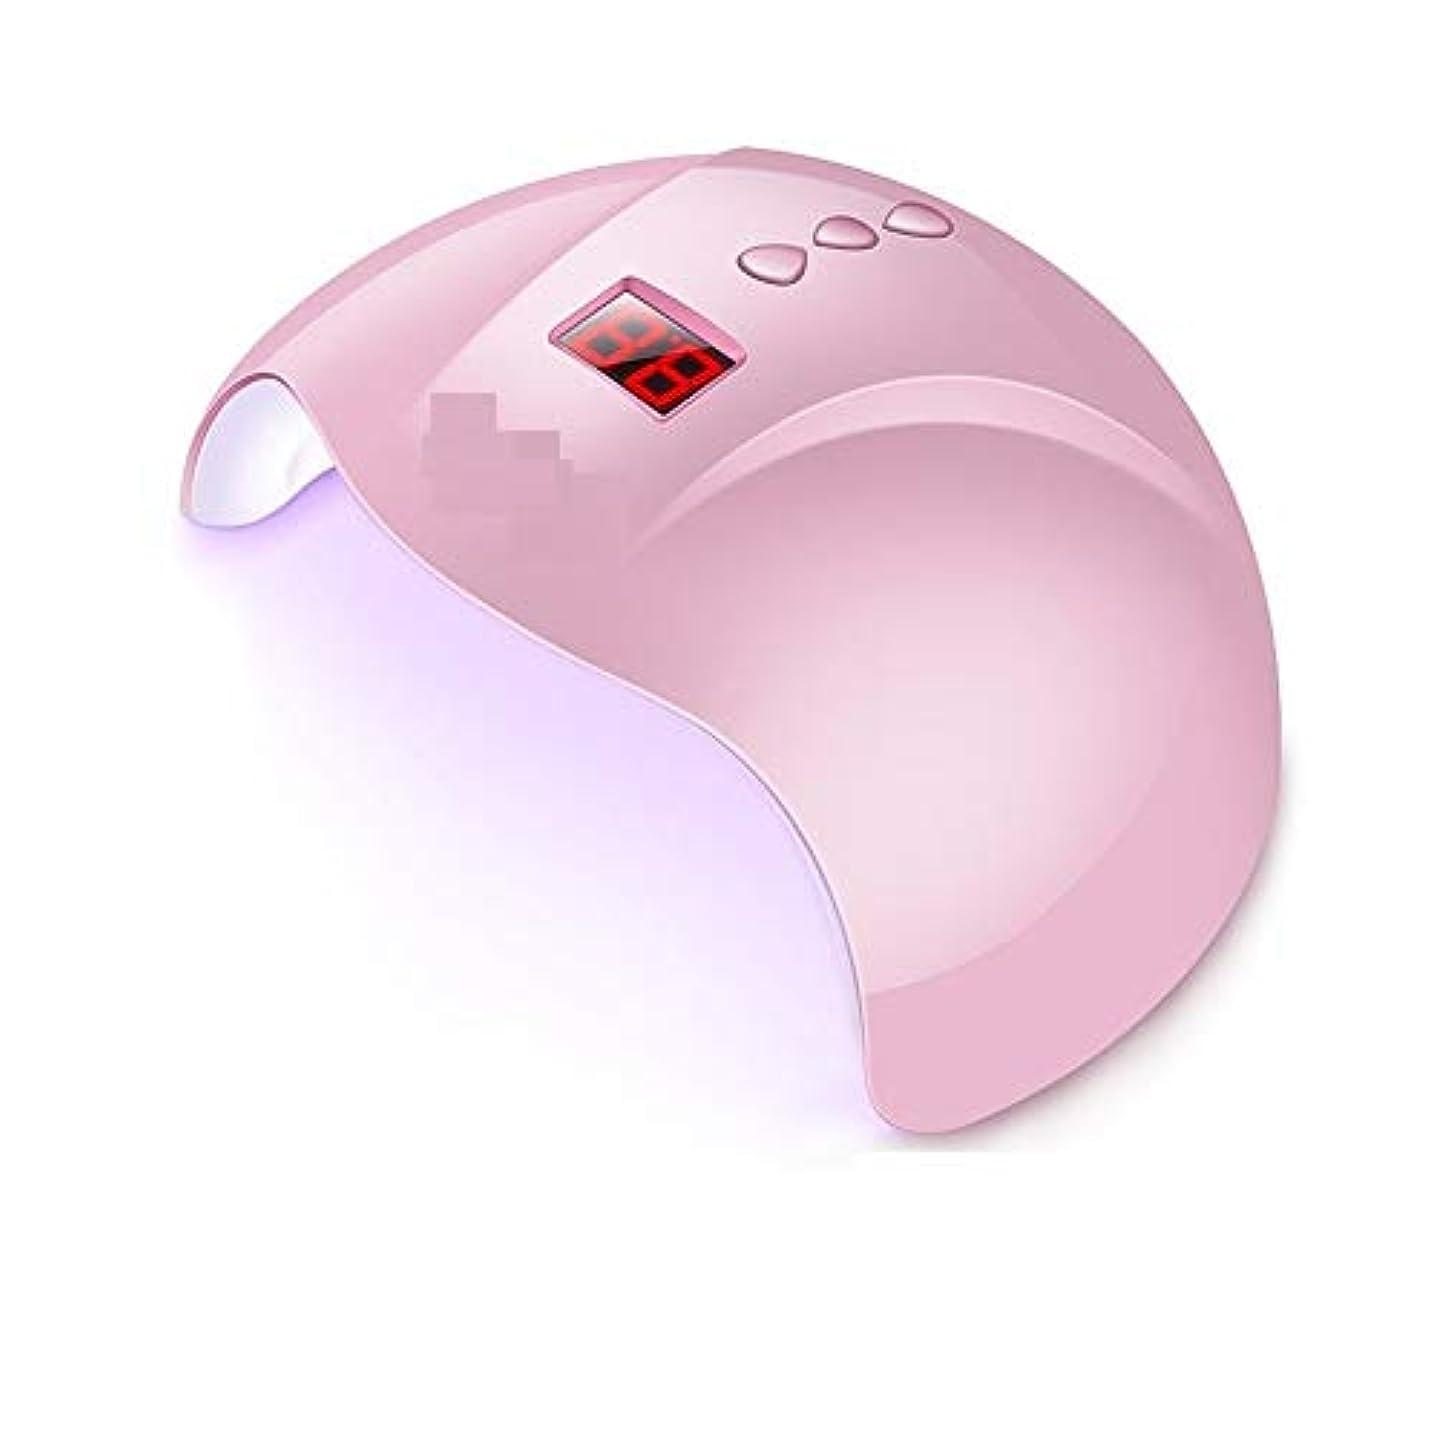 熱望する大いに津波LittleCat スマートセンサ36WポーランドゴムバンドドライヤーLED + UVランプライトセラピーネイル速乾性ネイルマシン (色 : 36w white)